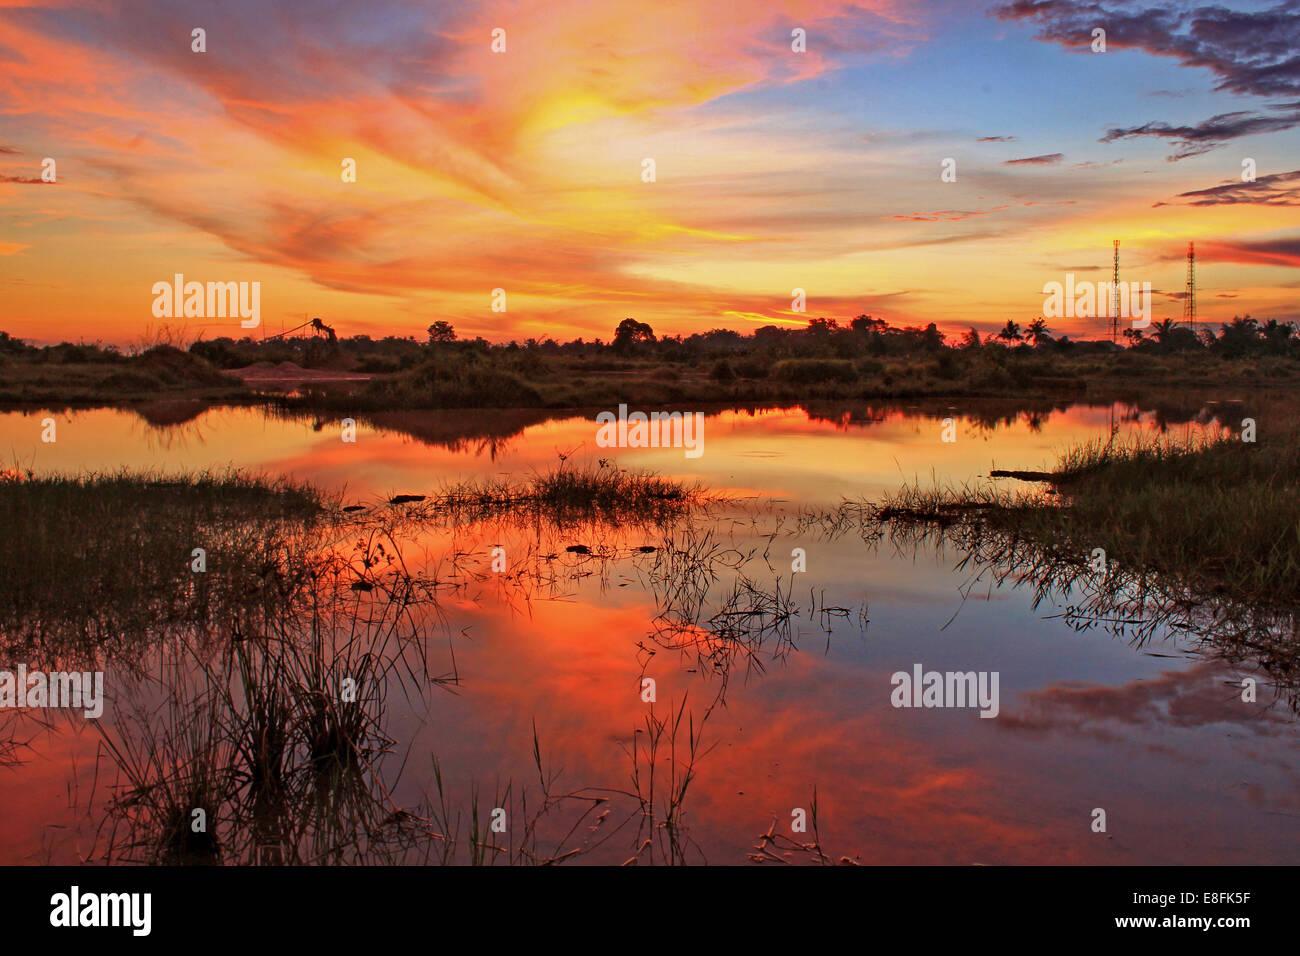 Cempaka, Bornéo Kalimantan du Sud, du Sud, en Asie du Sud-Est avant la pluie Photo Stock